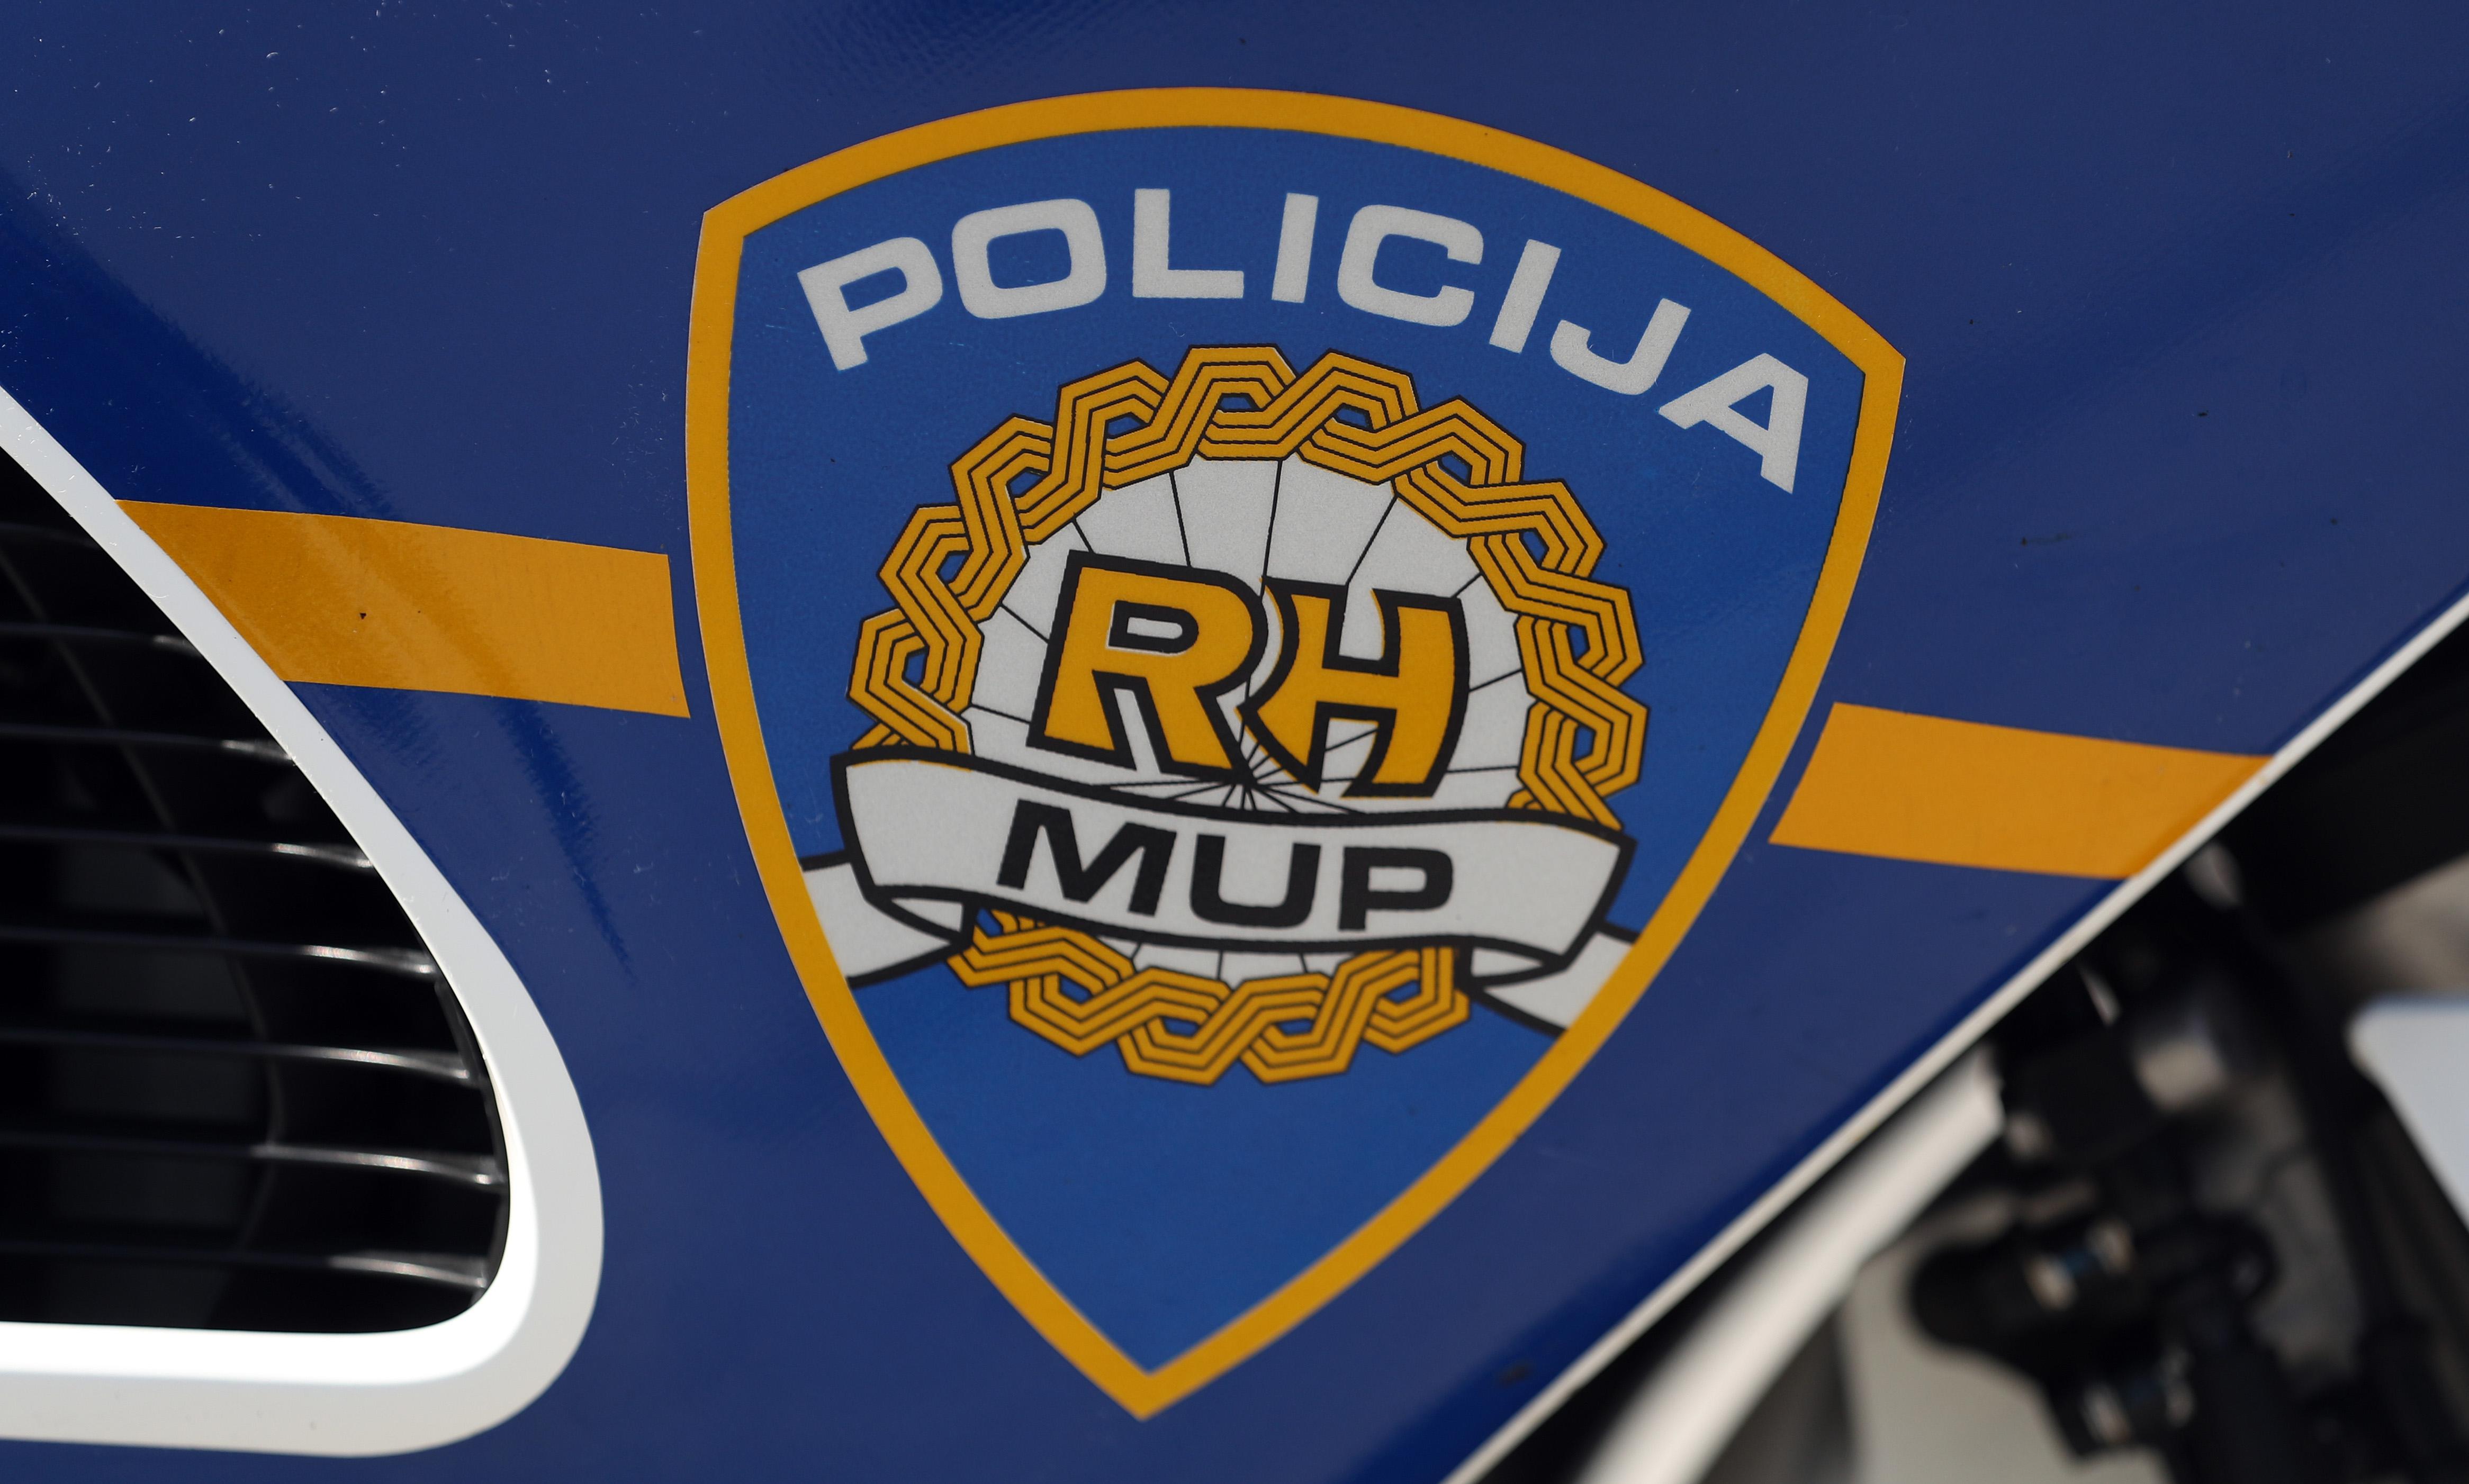 VIŠEMJESEČNA ISTRAGA Uhićen trojac zbog bacanja bombi na zadarsku policiju